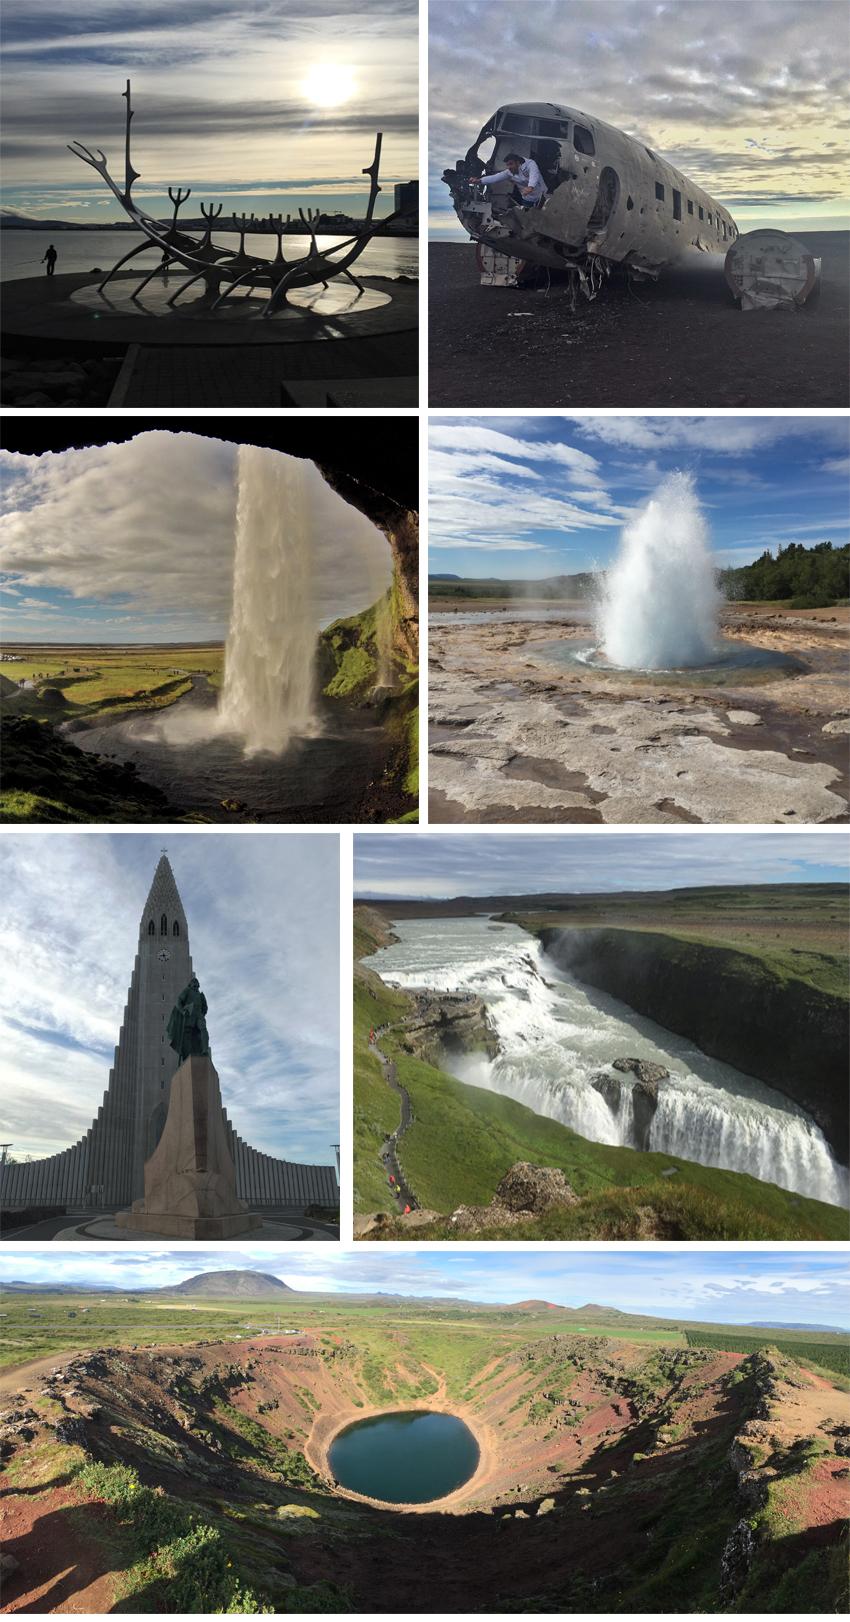 Viajar a Islandia con pocos días: Viajar a Islandia viajar a islandia con pocos días - 22218483842 6d857c626c o - Viajar a Islandia con pocos días